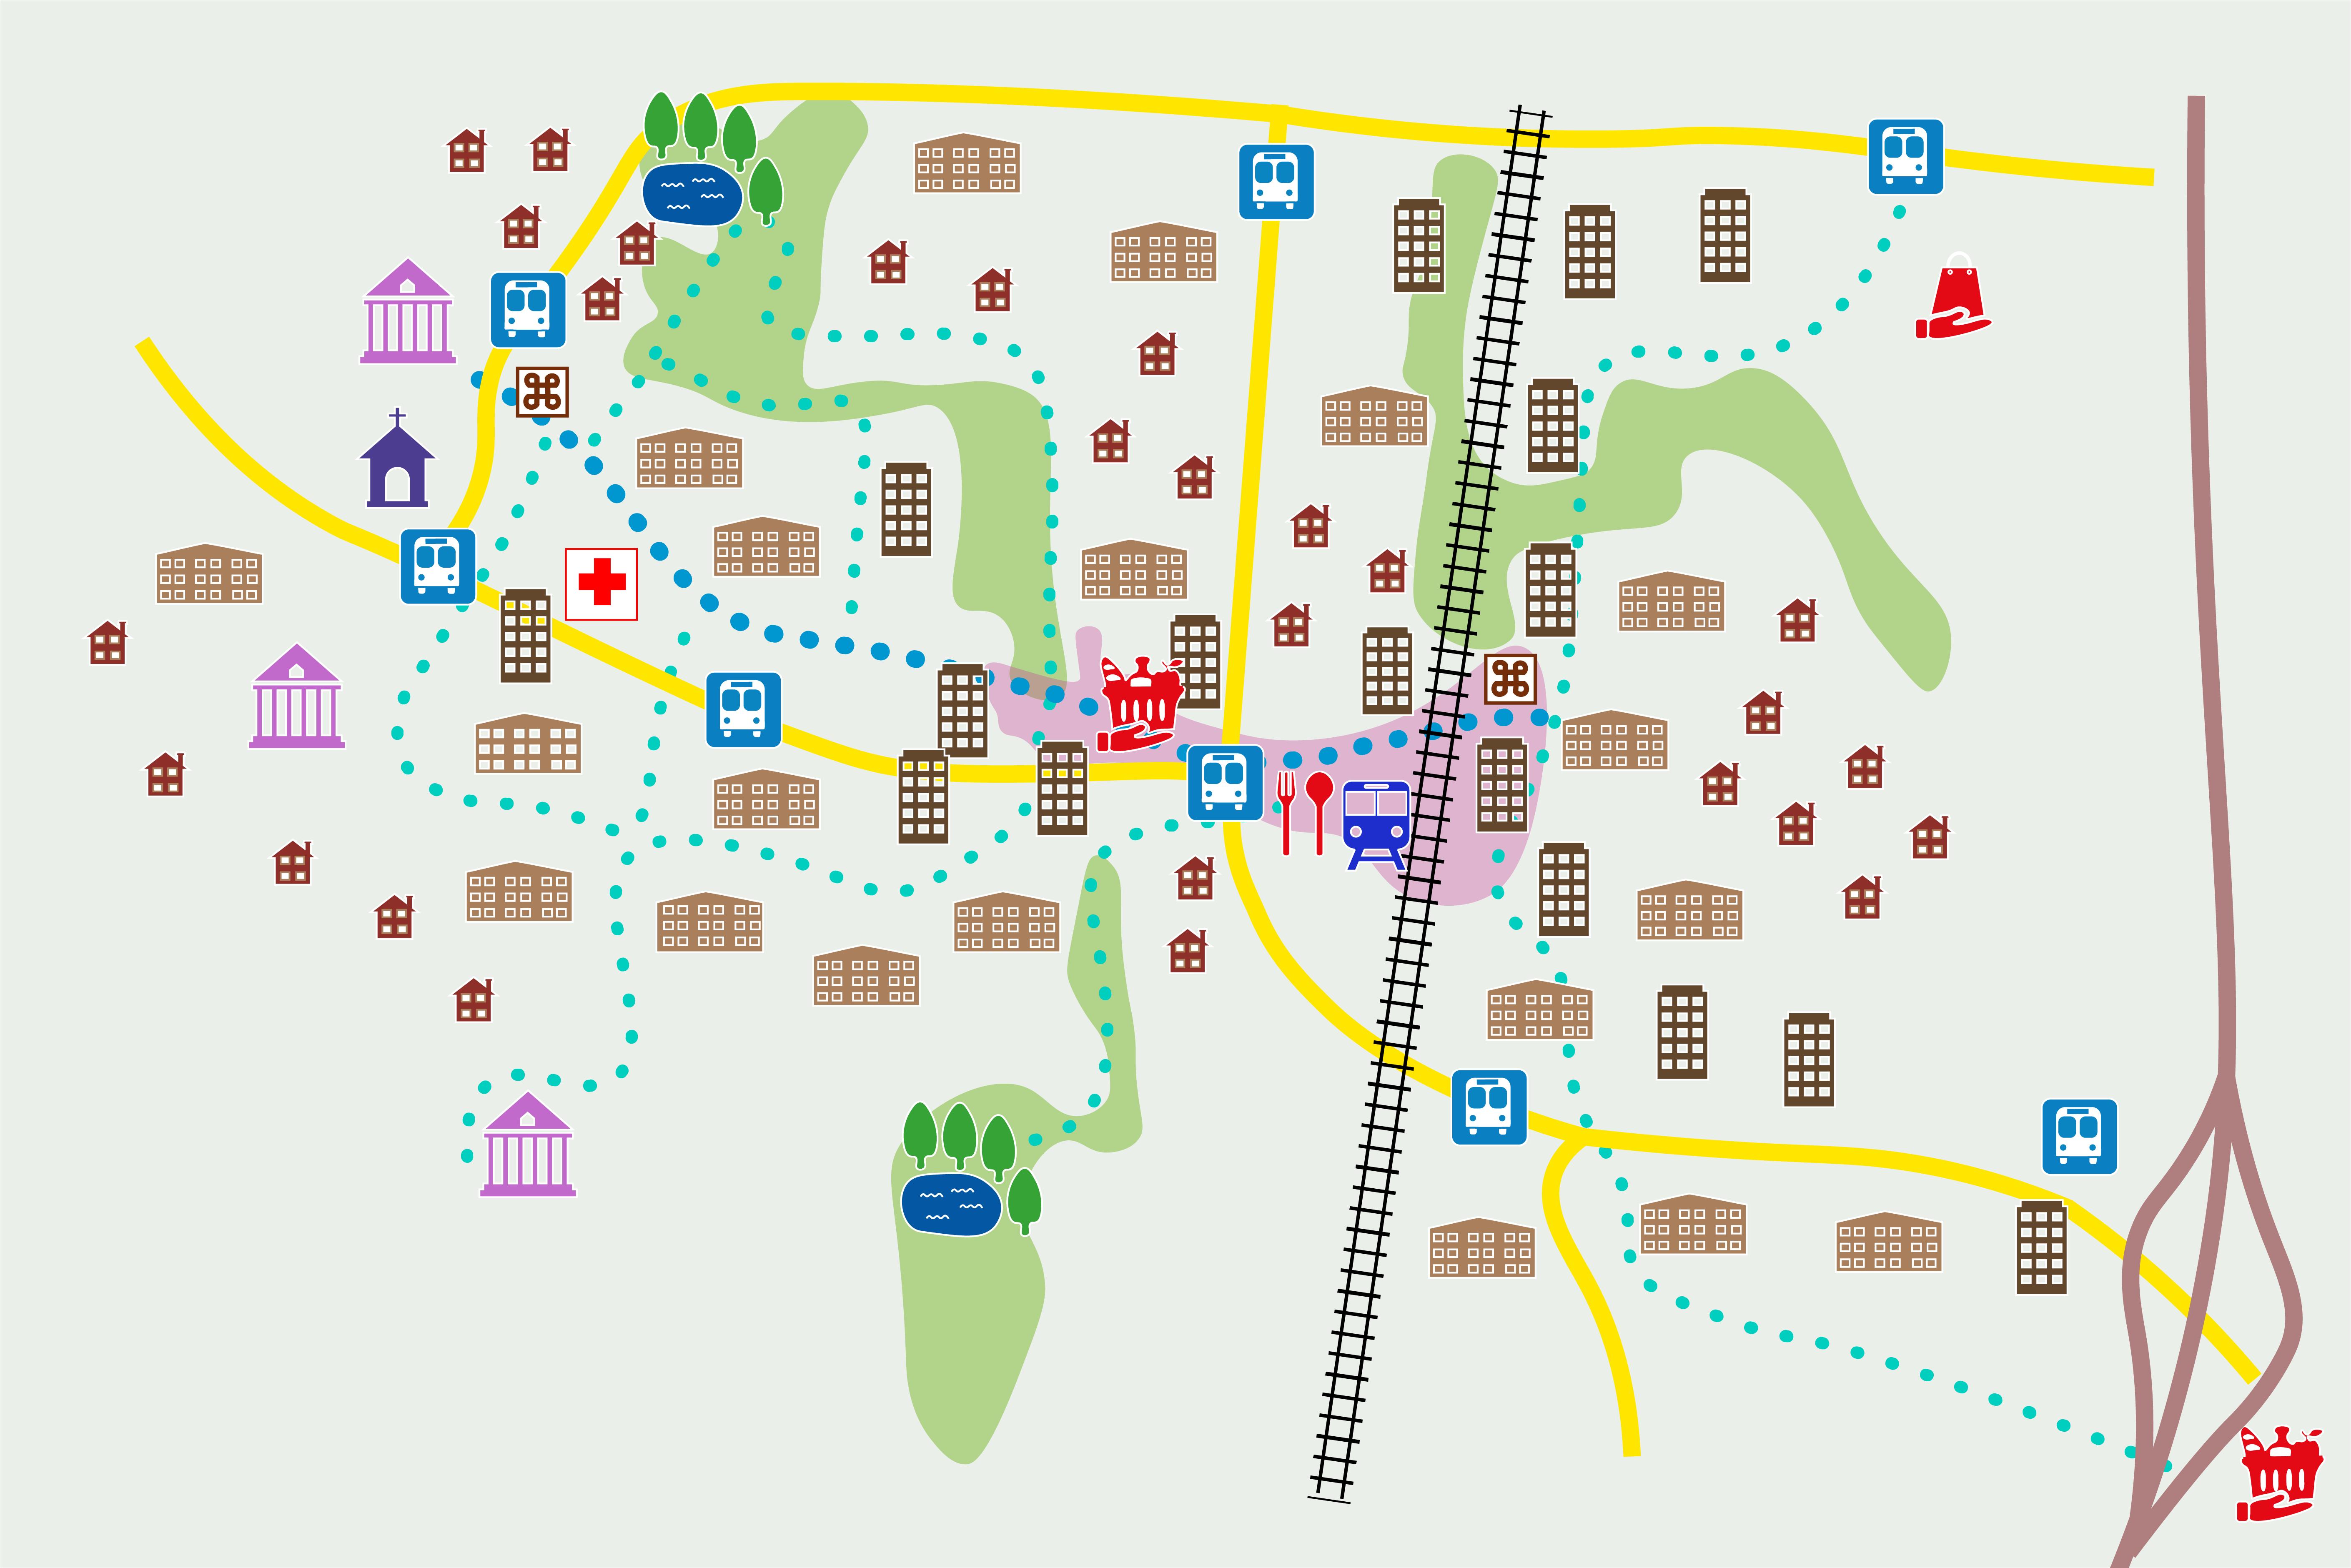 Pelkistetty teemakarttakuva, jossa liikenneyhteydet ja viheralueet sekä tärkeimmät palvelut ja asumisen luonne symbolein.